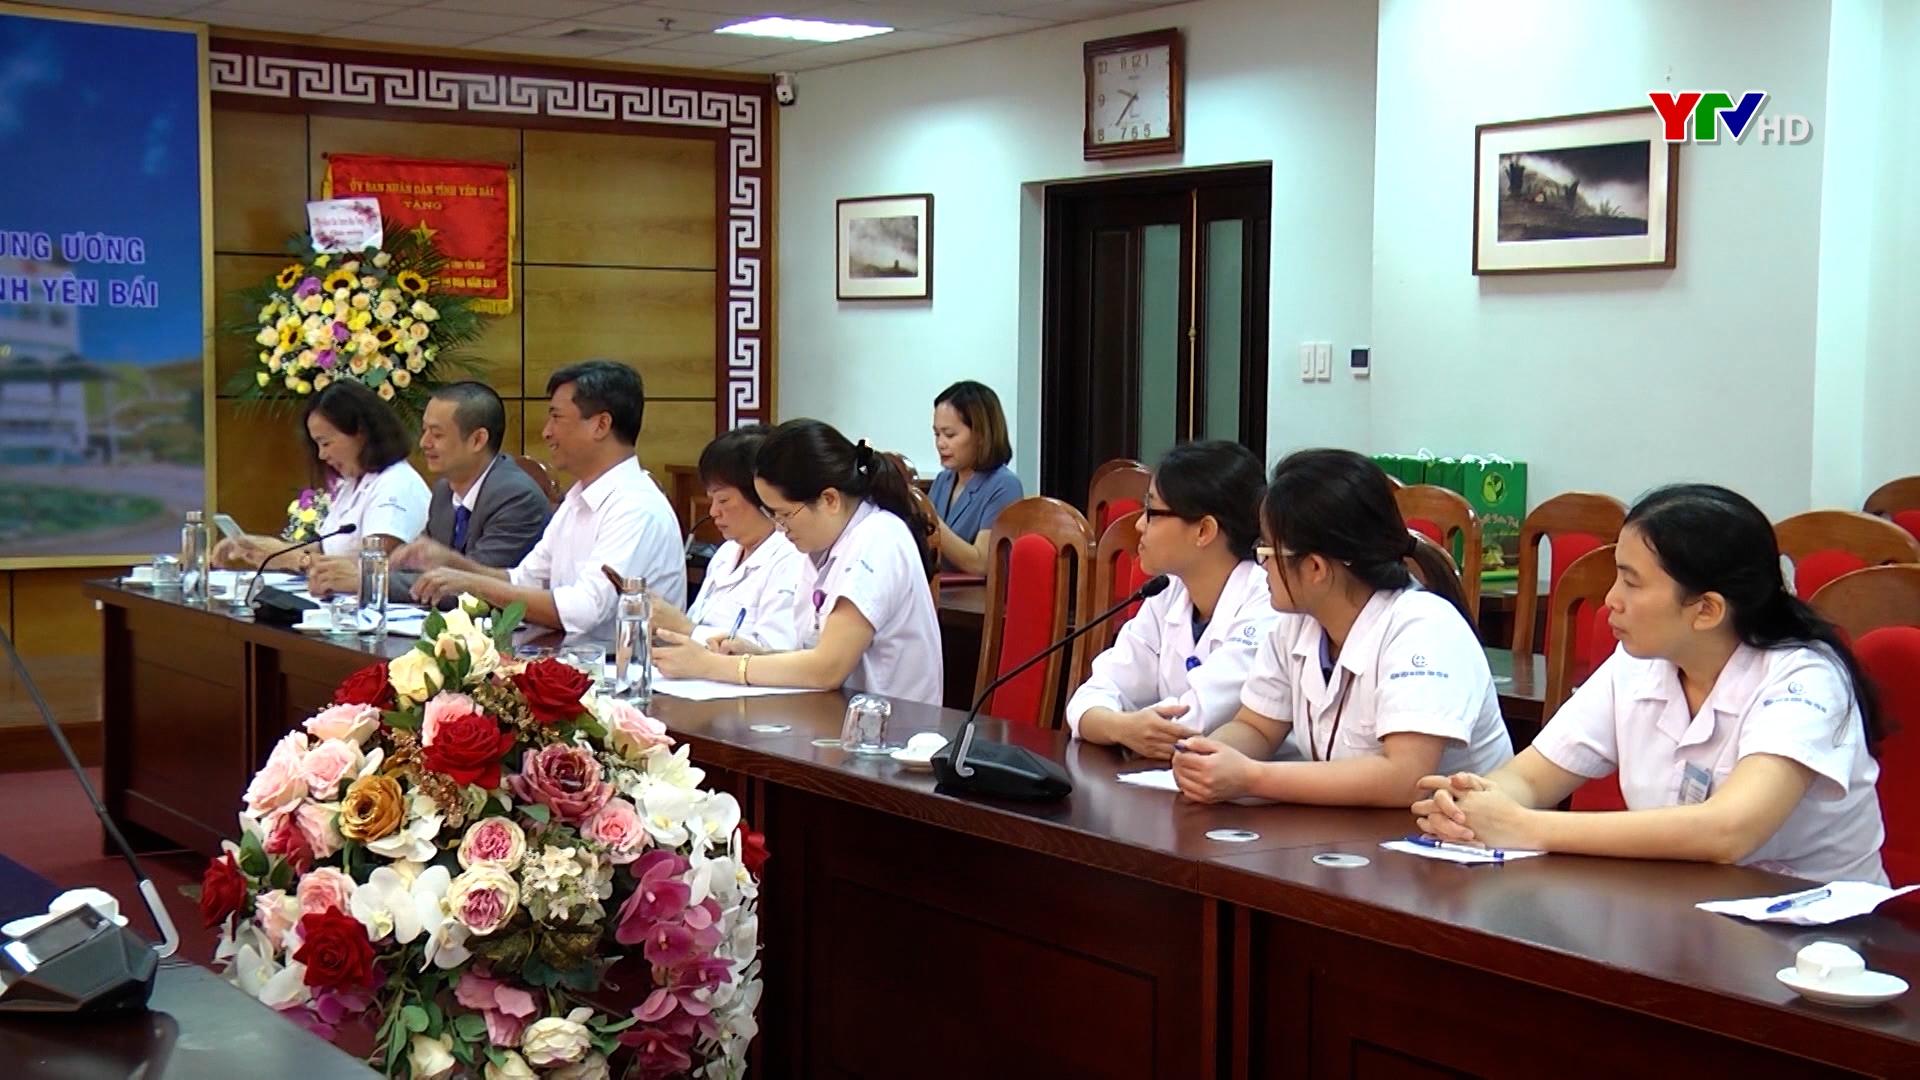 Đoàn công tác của Viện Huyết học - Truyền máu Trung ương làm việc với Bệnh viện đa khoa tỉnh